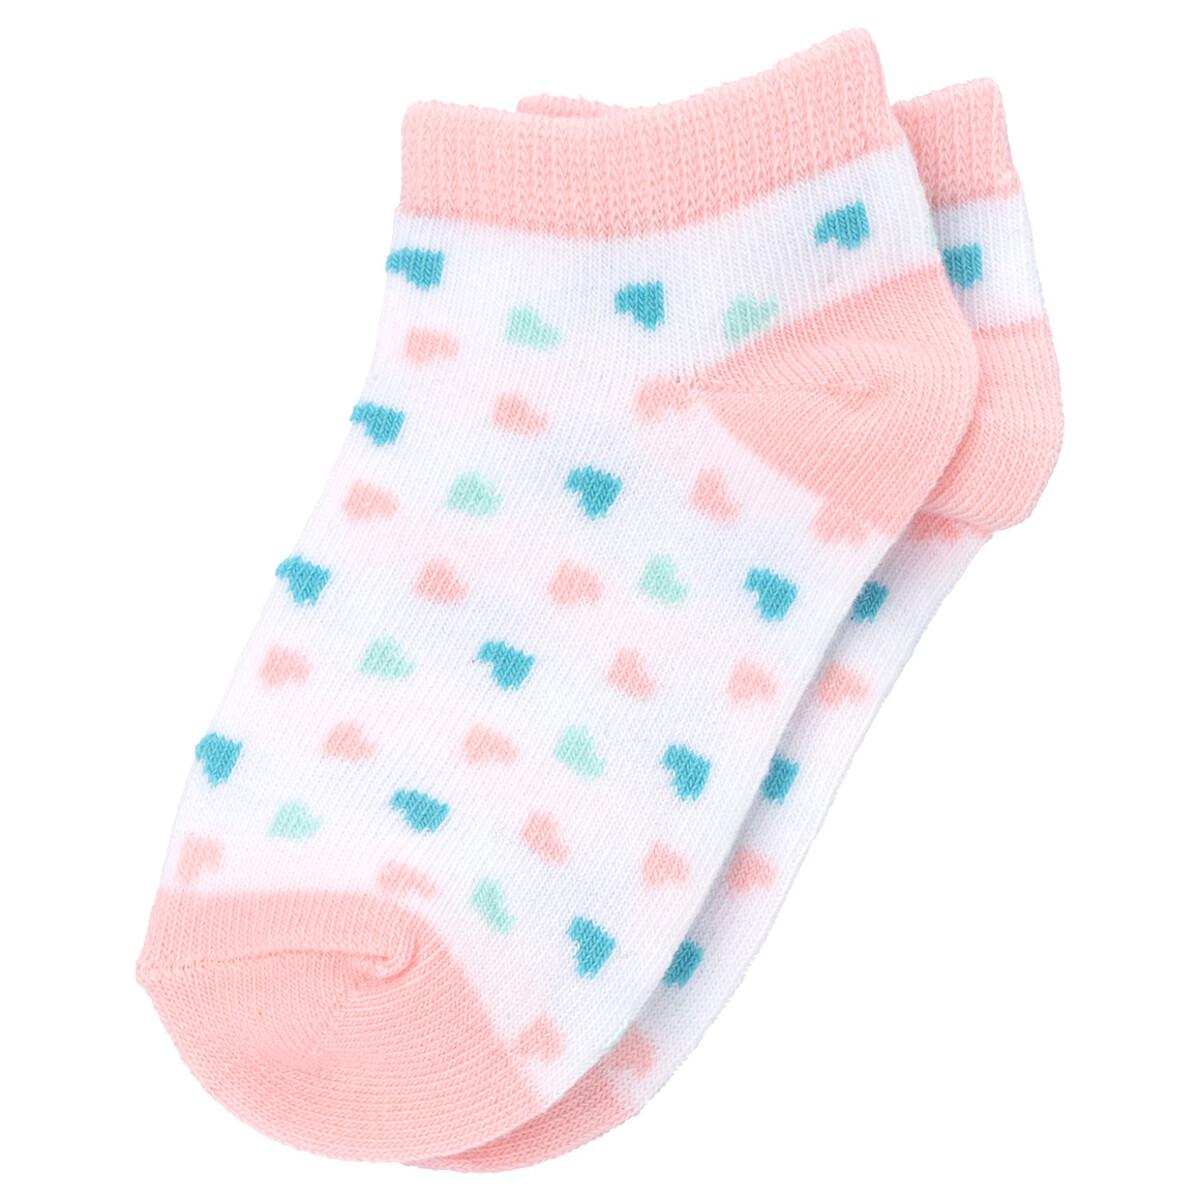 Bild 4 von 3 Paar Baby Sneaker-Socken im Set